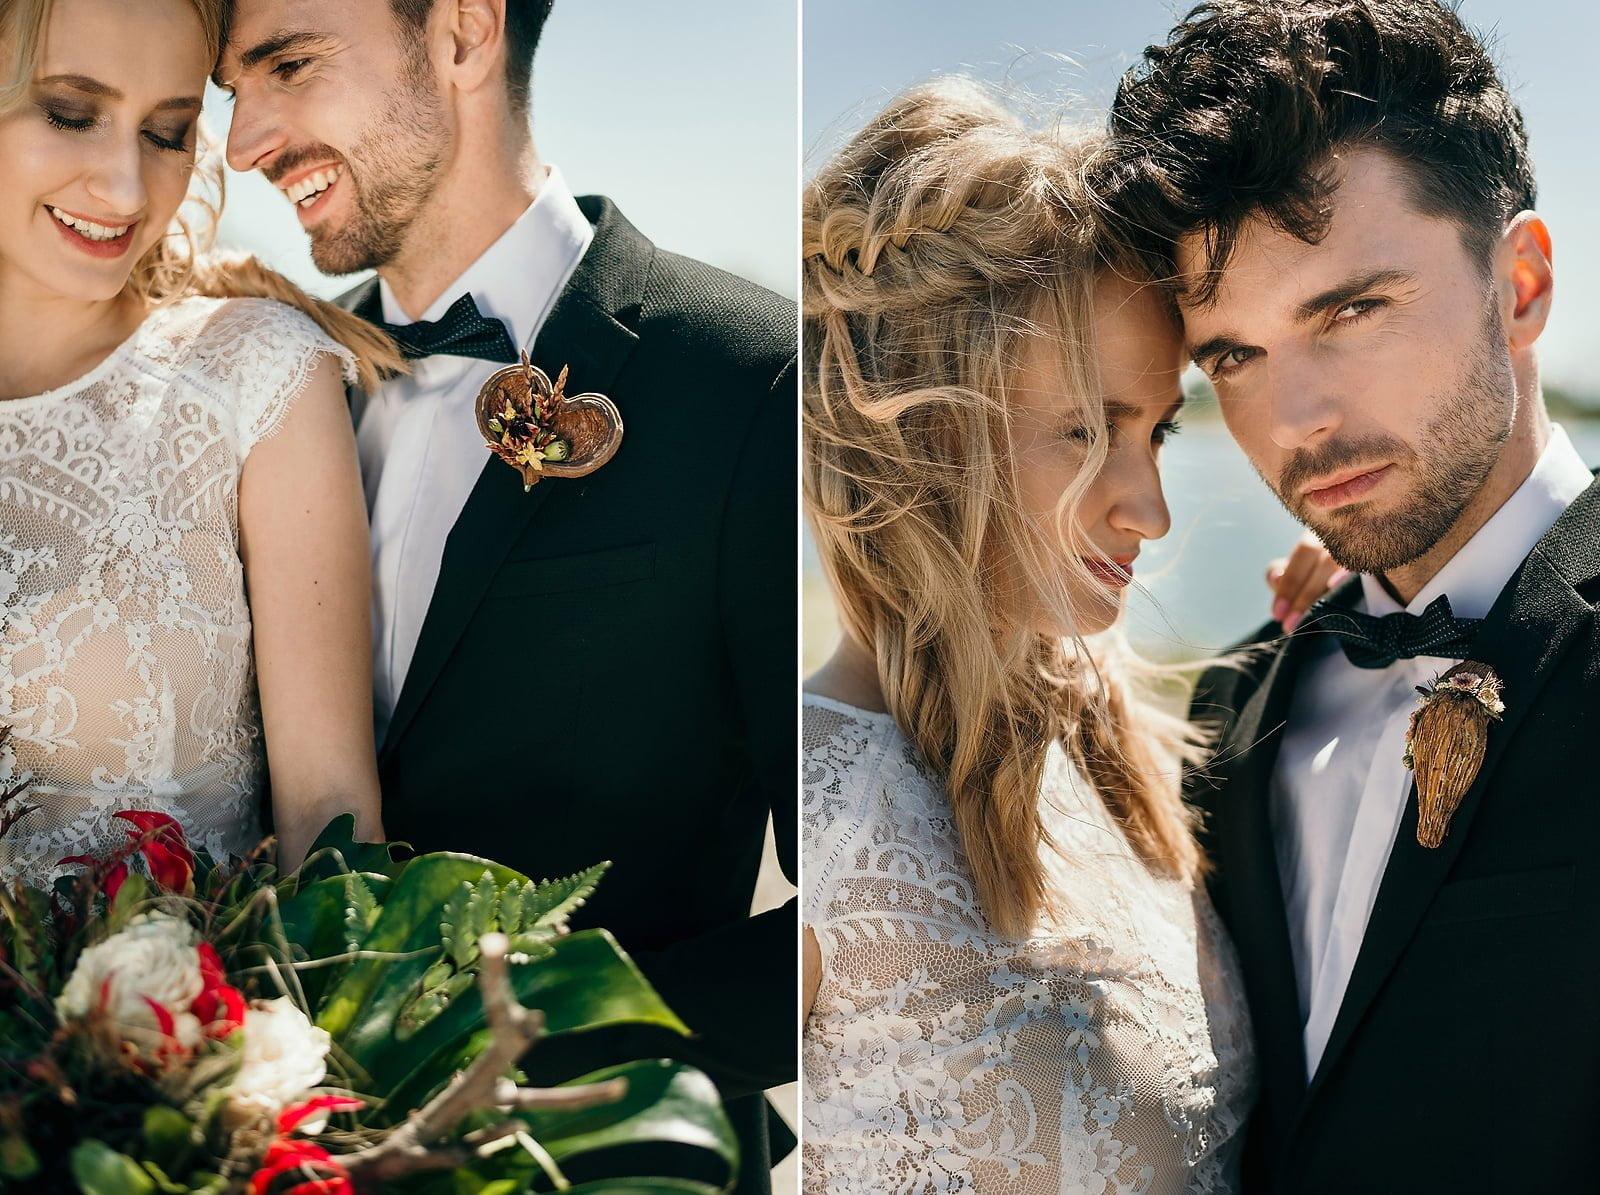 Stylizowana sesja ślubna w klimacie południowej Hiszpanii 4